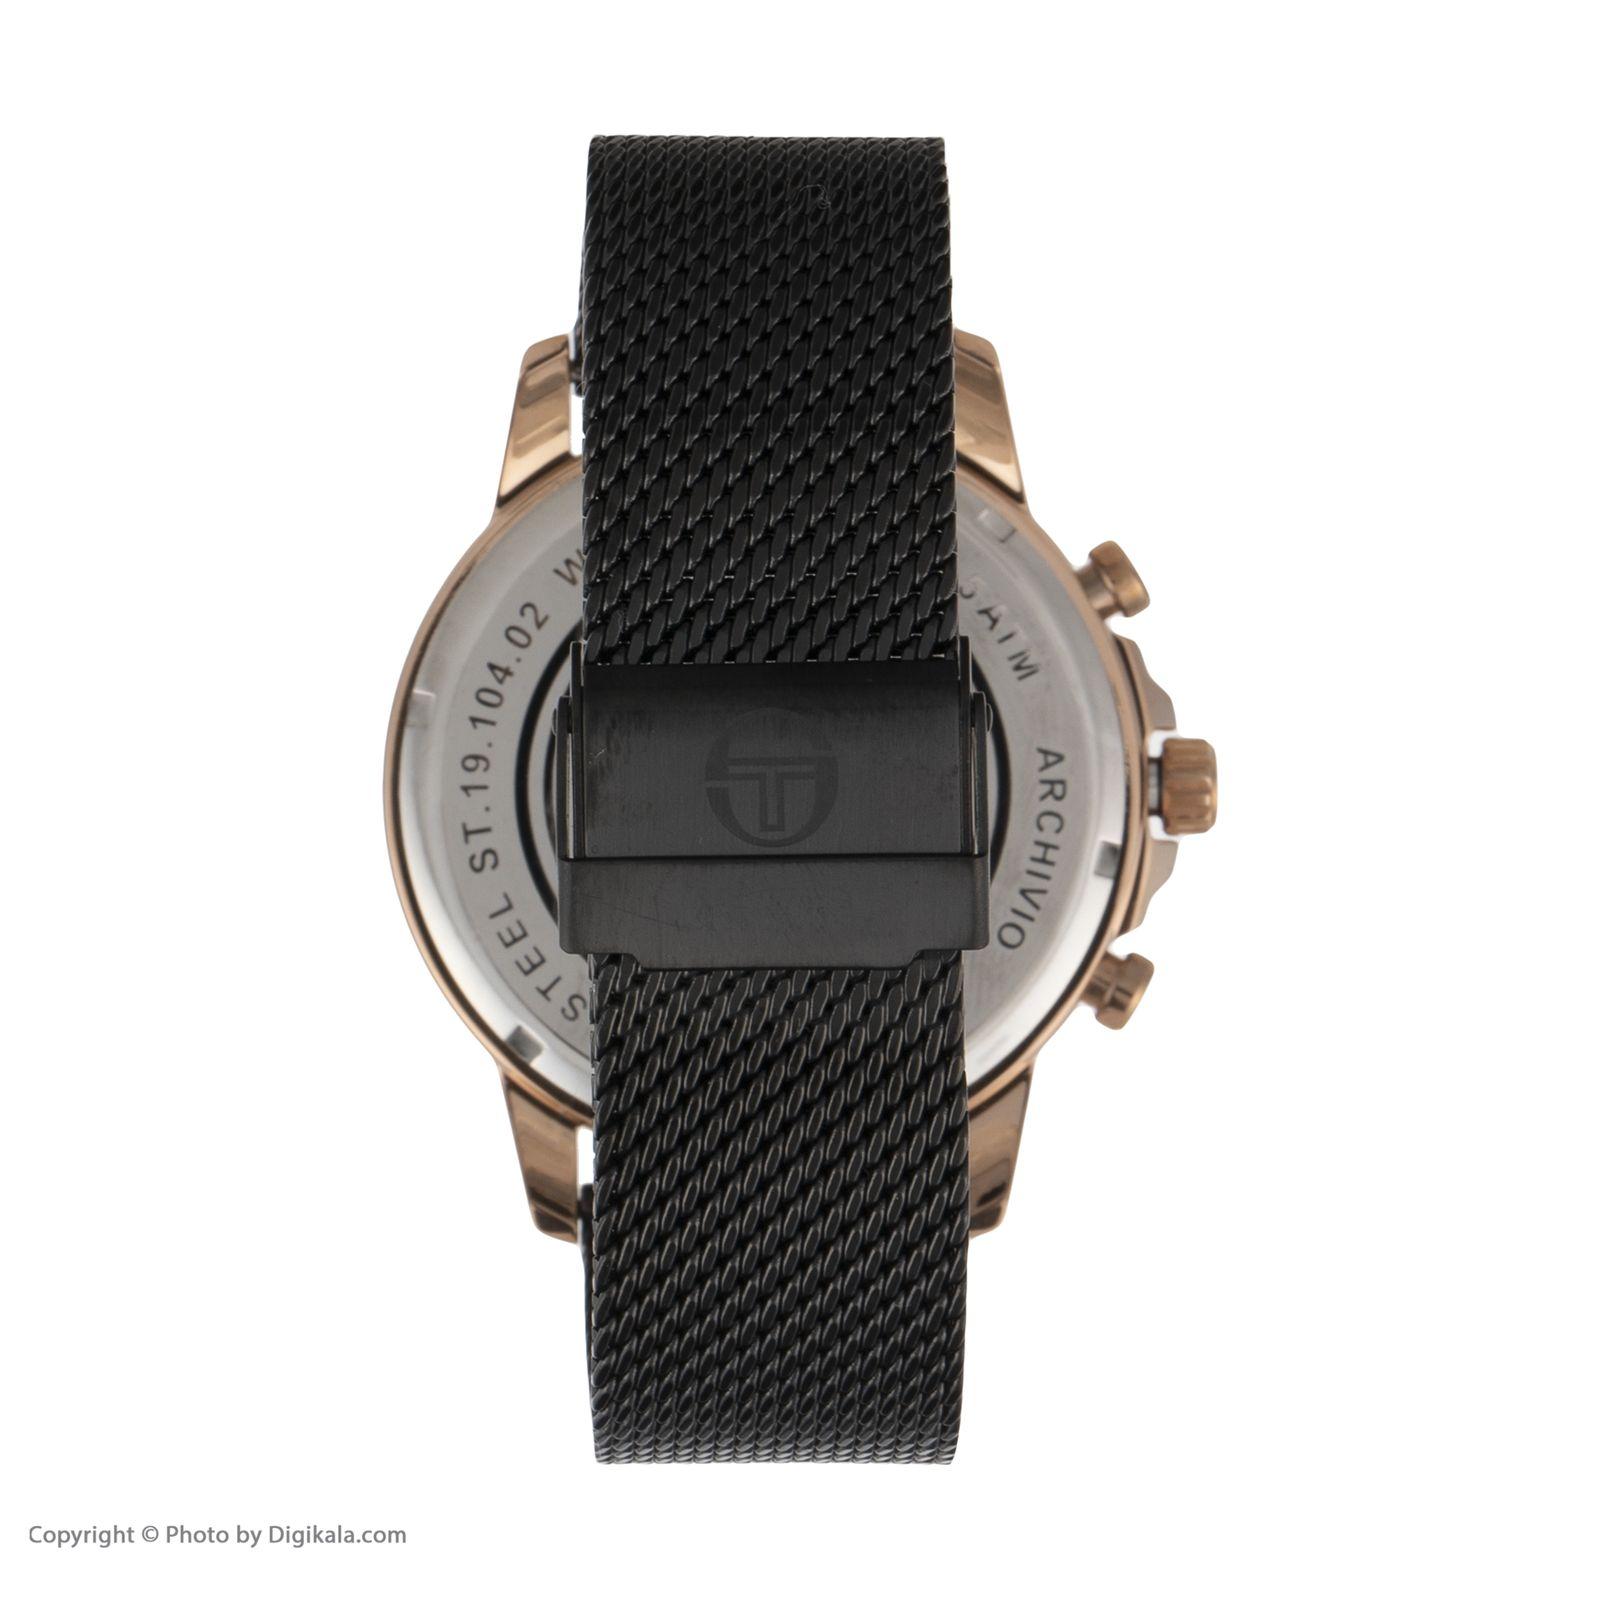 ساعت مچی عقربه ای مردانه سرجیو تاچینی مدل ST.19.104.02 -  - 2